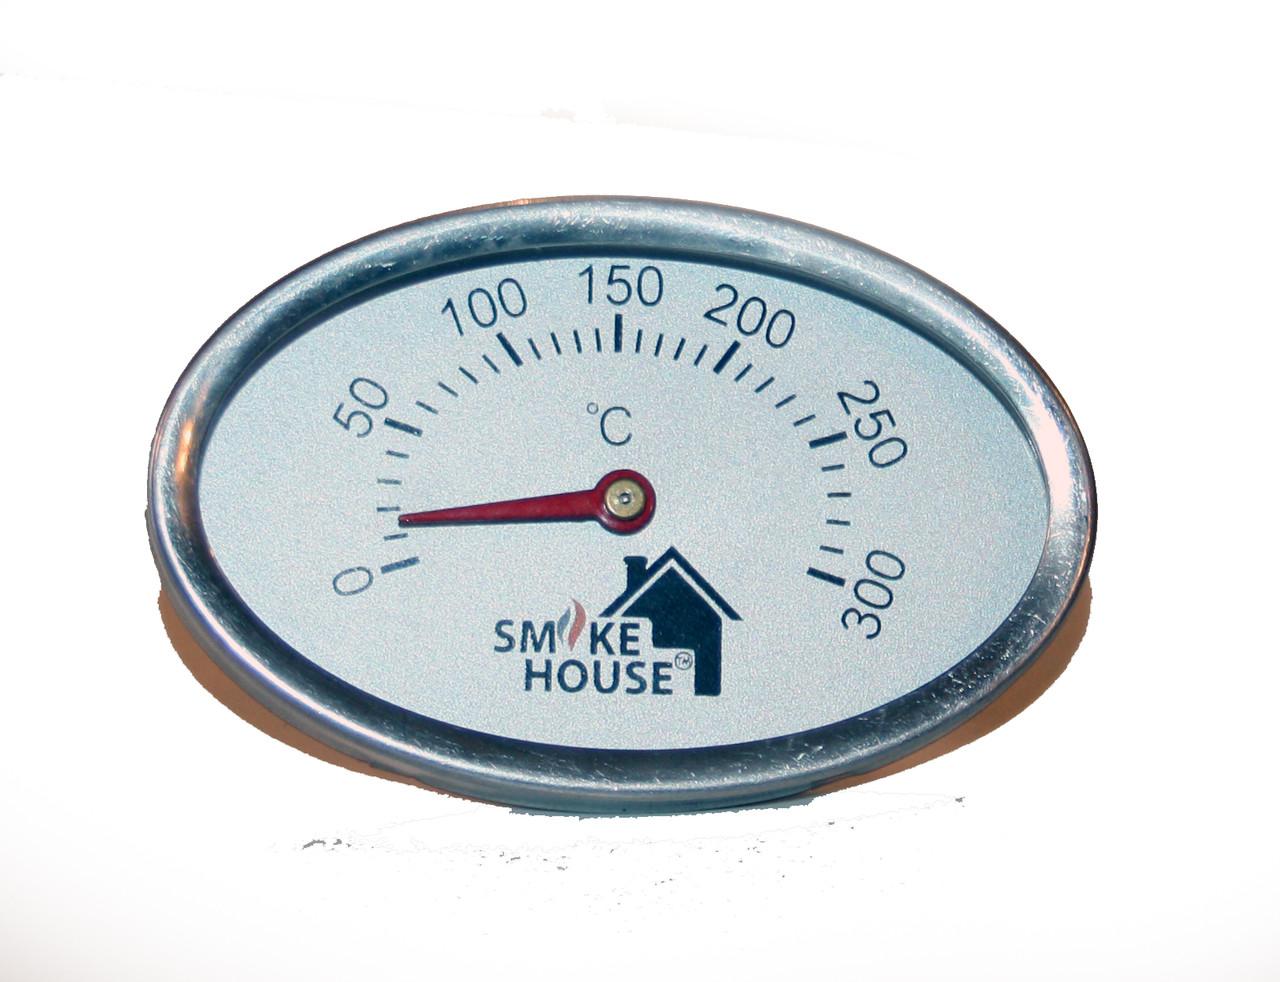 Купить градусник для коптильни холодного копчения самогонный аппарат хд таганрог